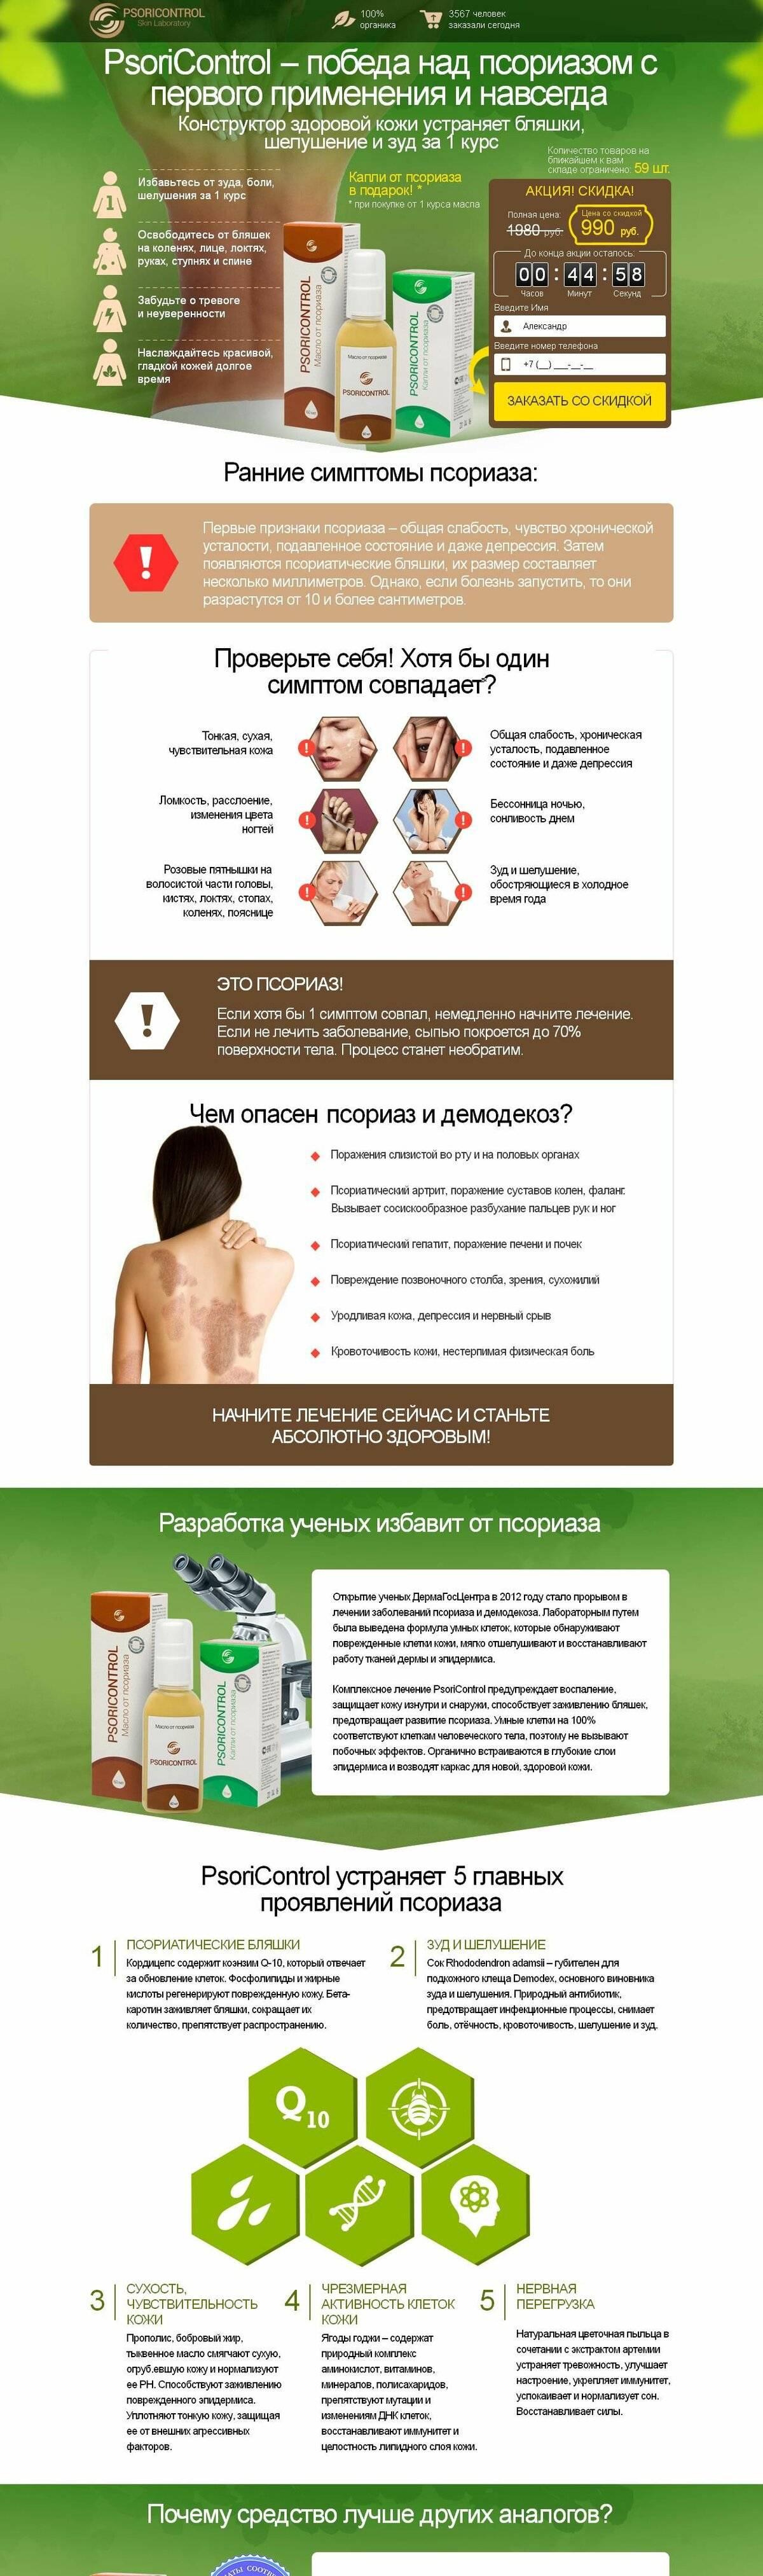 Лечение псориаза в домашних условиях – эффективные средства